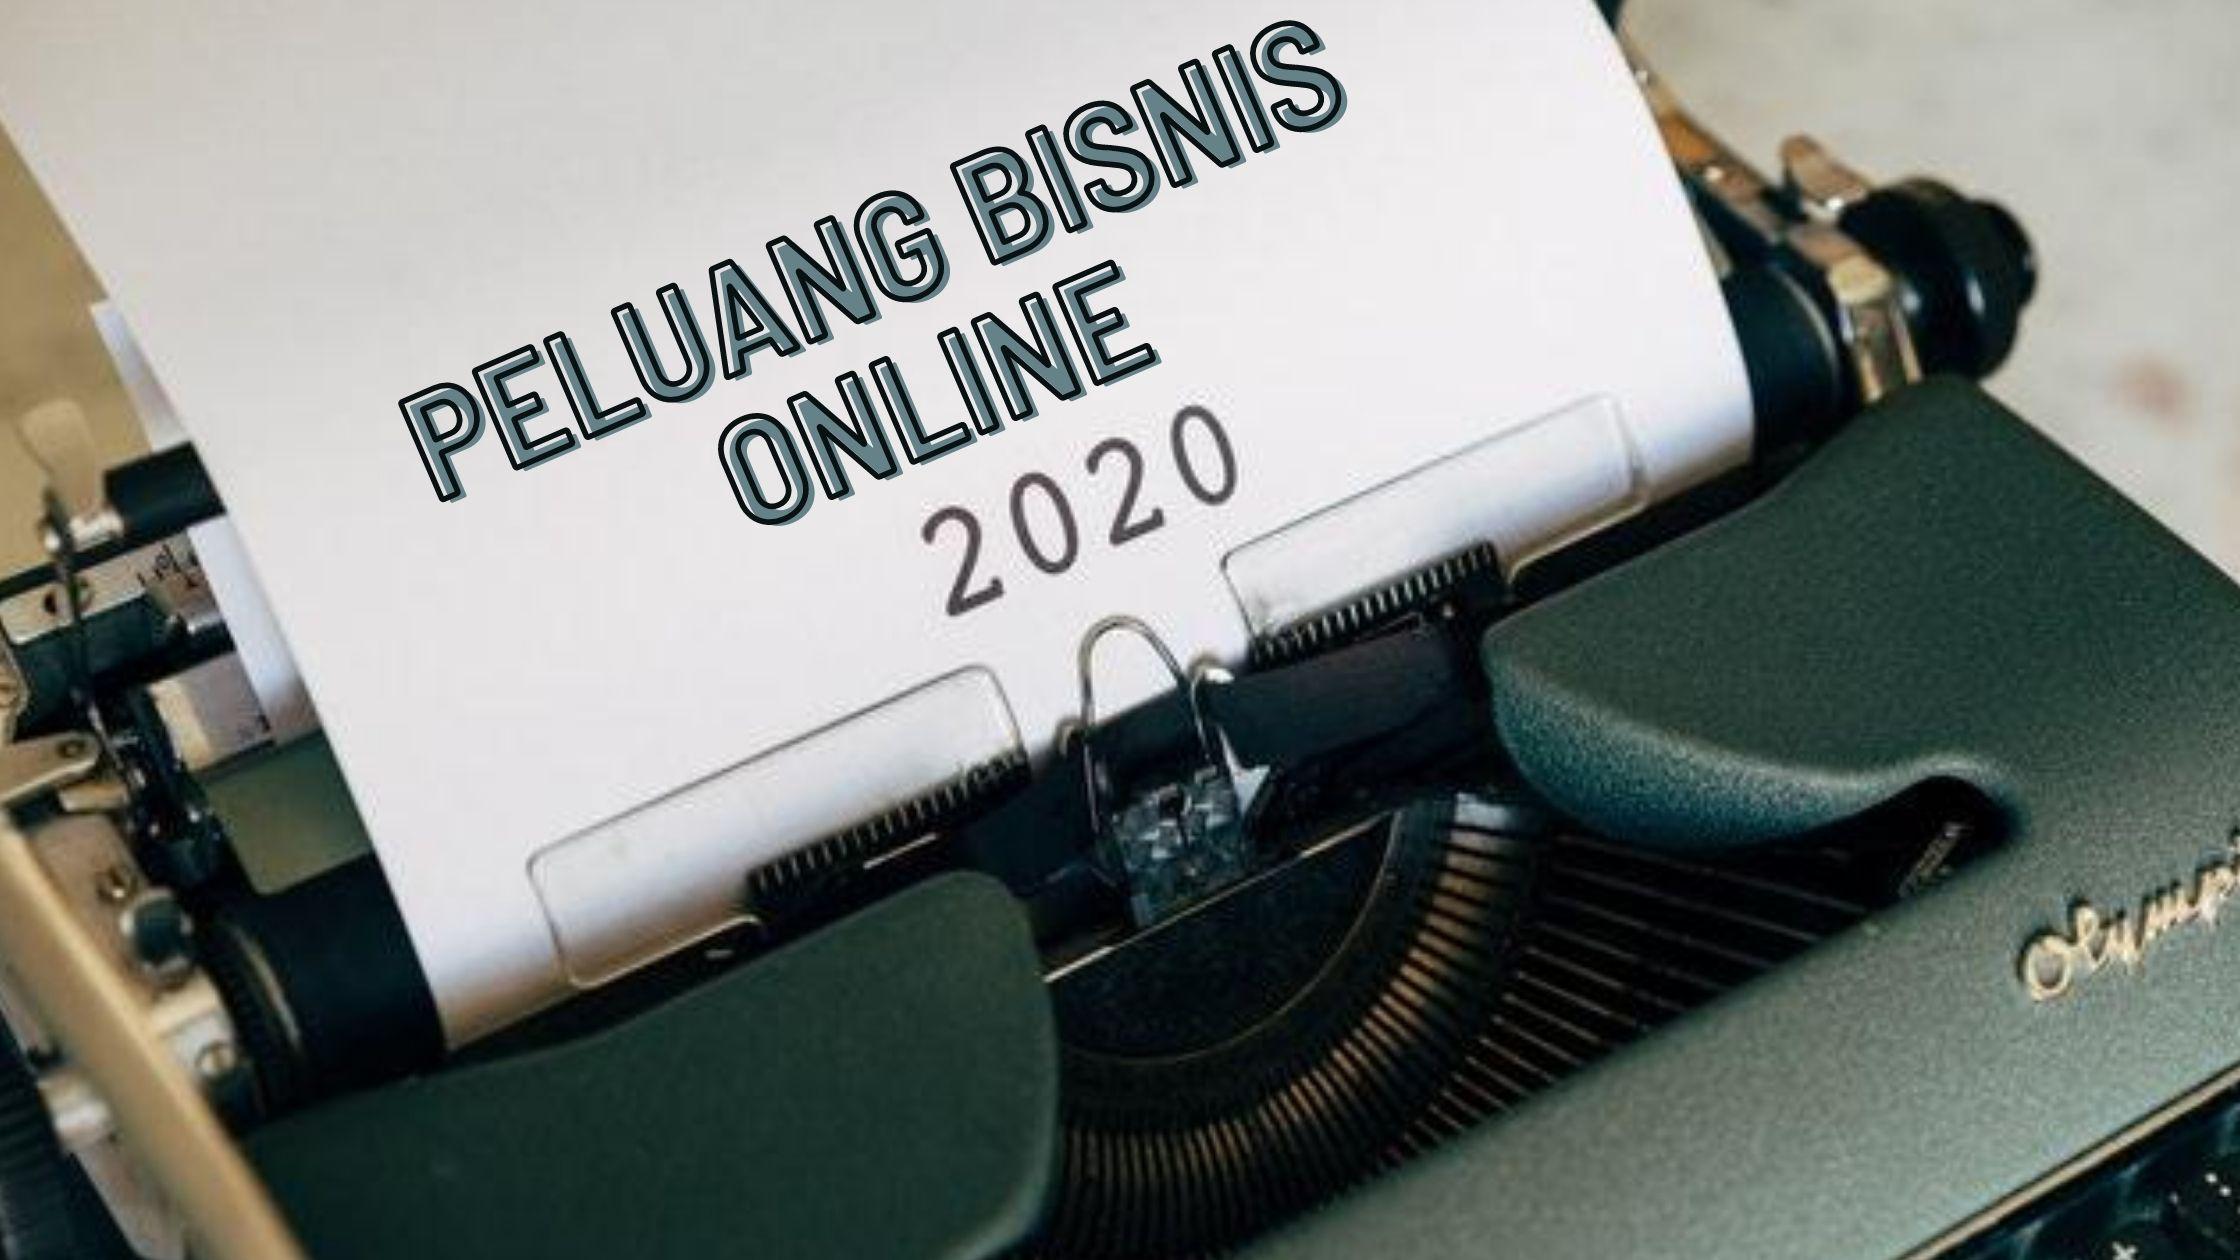 16 Ide dan Peluang Bisnis Online 2020 | Menjanjikan Dan ...